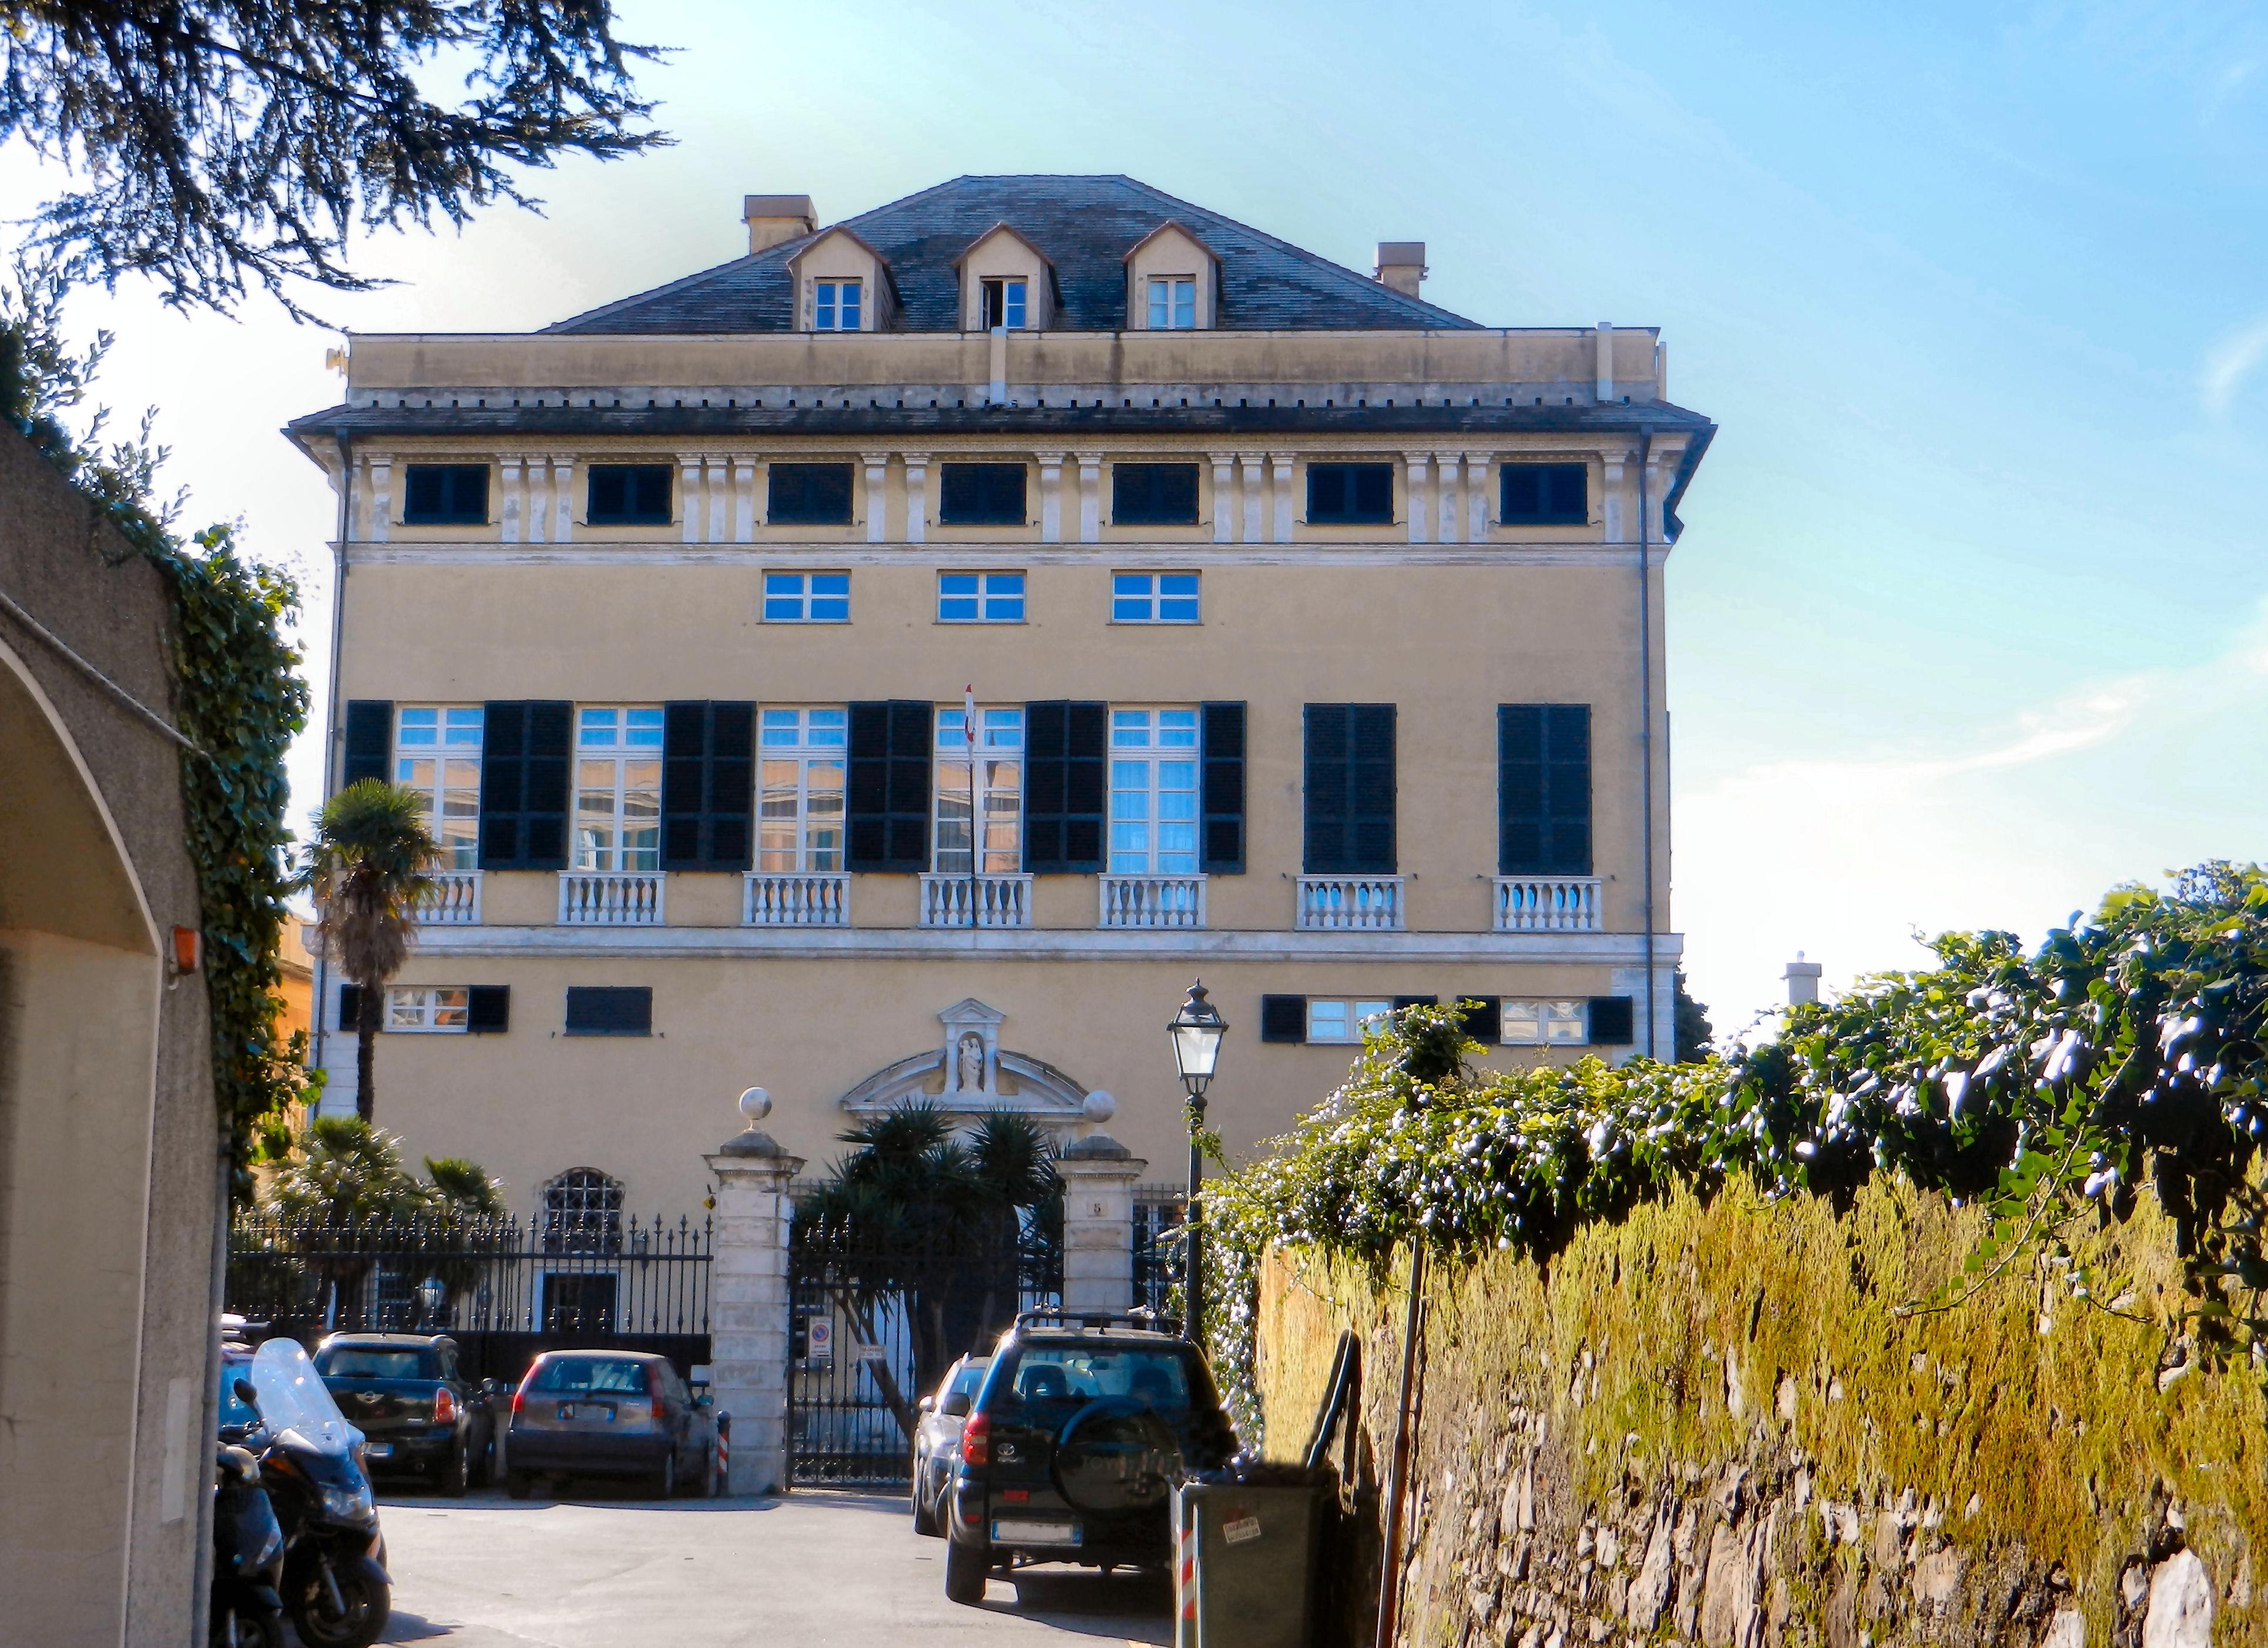 Antico Casello Via Salimbene Da Parma Villa Sesso Reggio Emilia